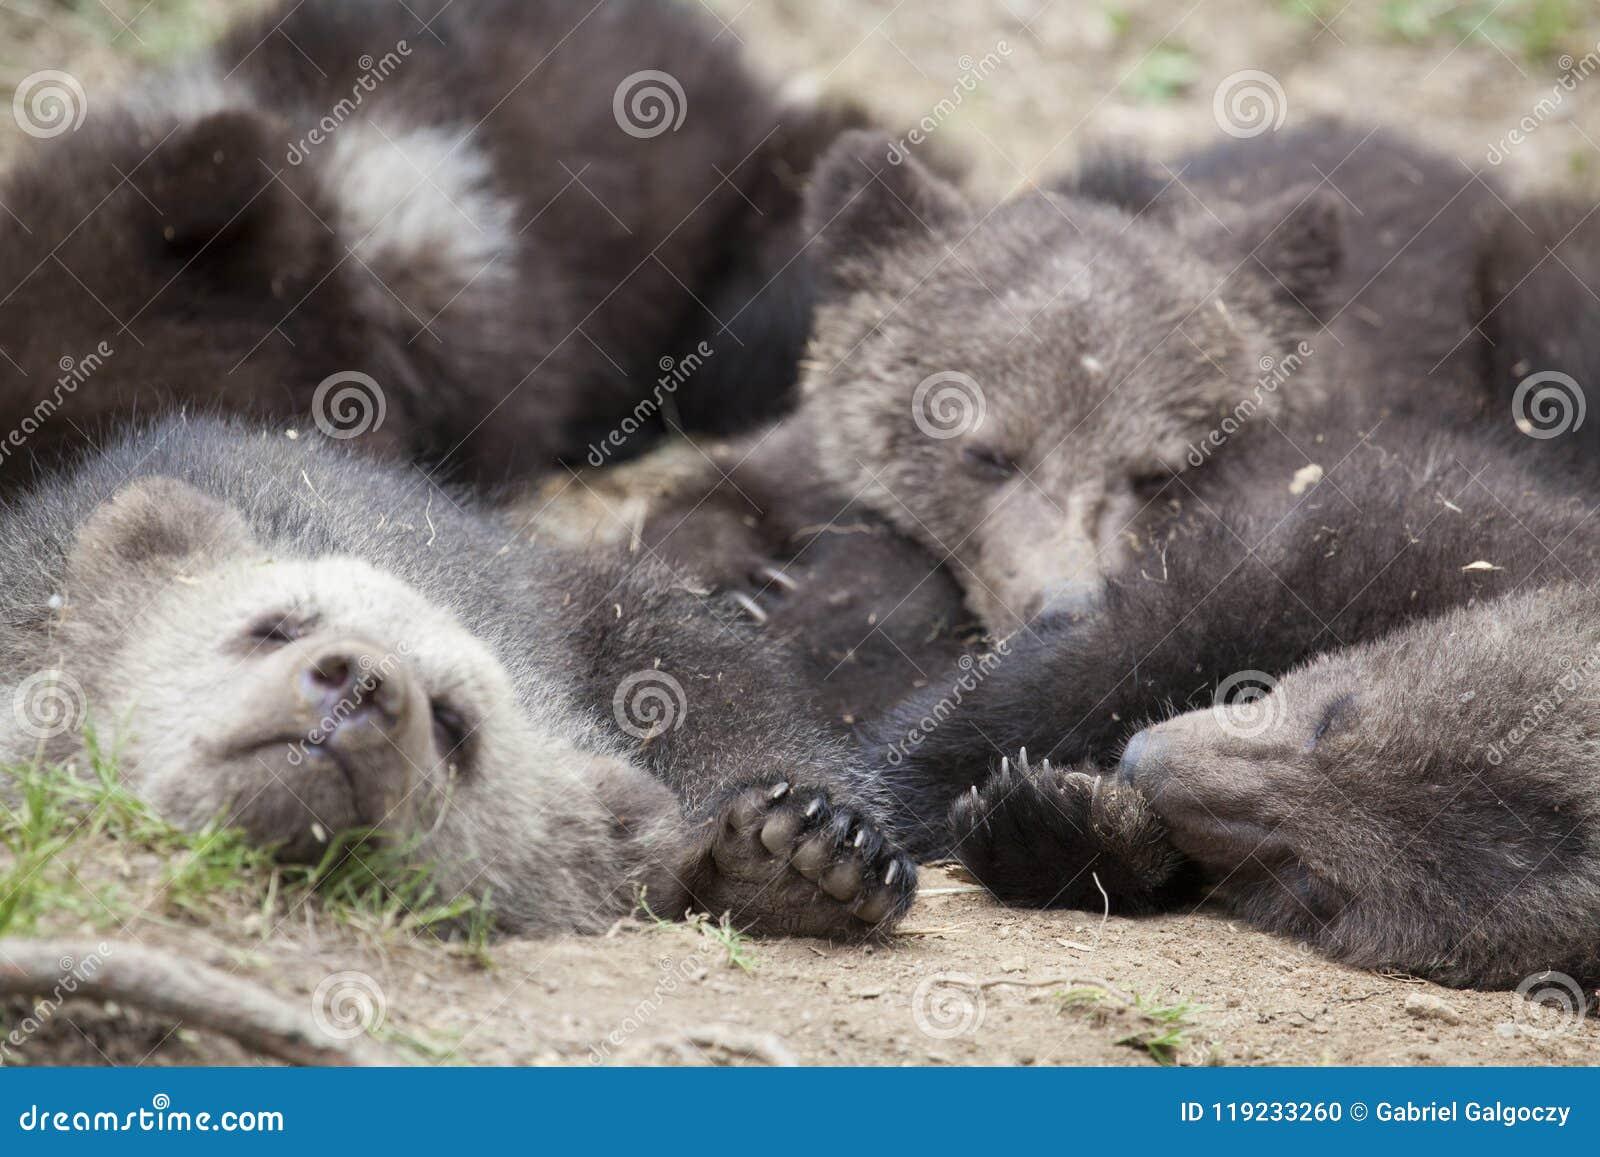 Slapen Op Grond : Draagt al samen het slapen op grond stock foto afbeelding